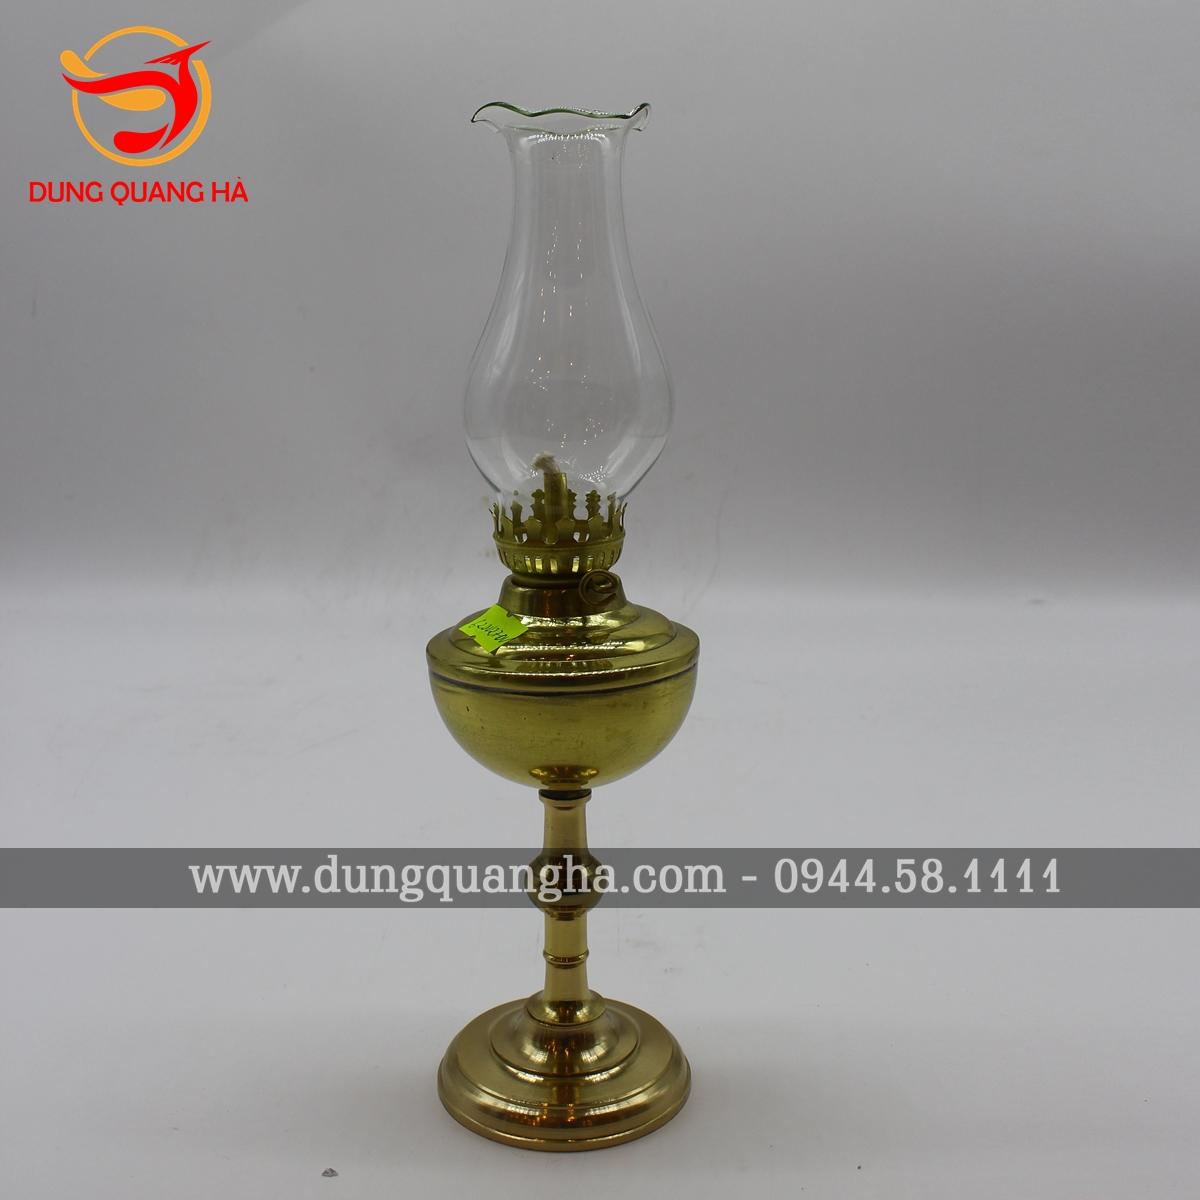 Đèn thờ bằng đồng vàng mộc trơn sang trọng 2